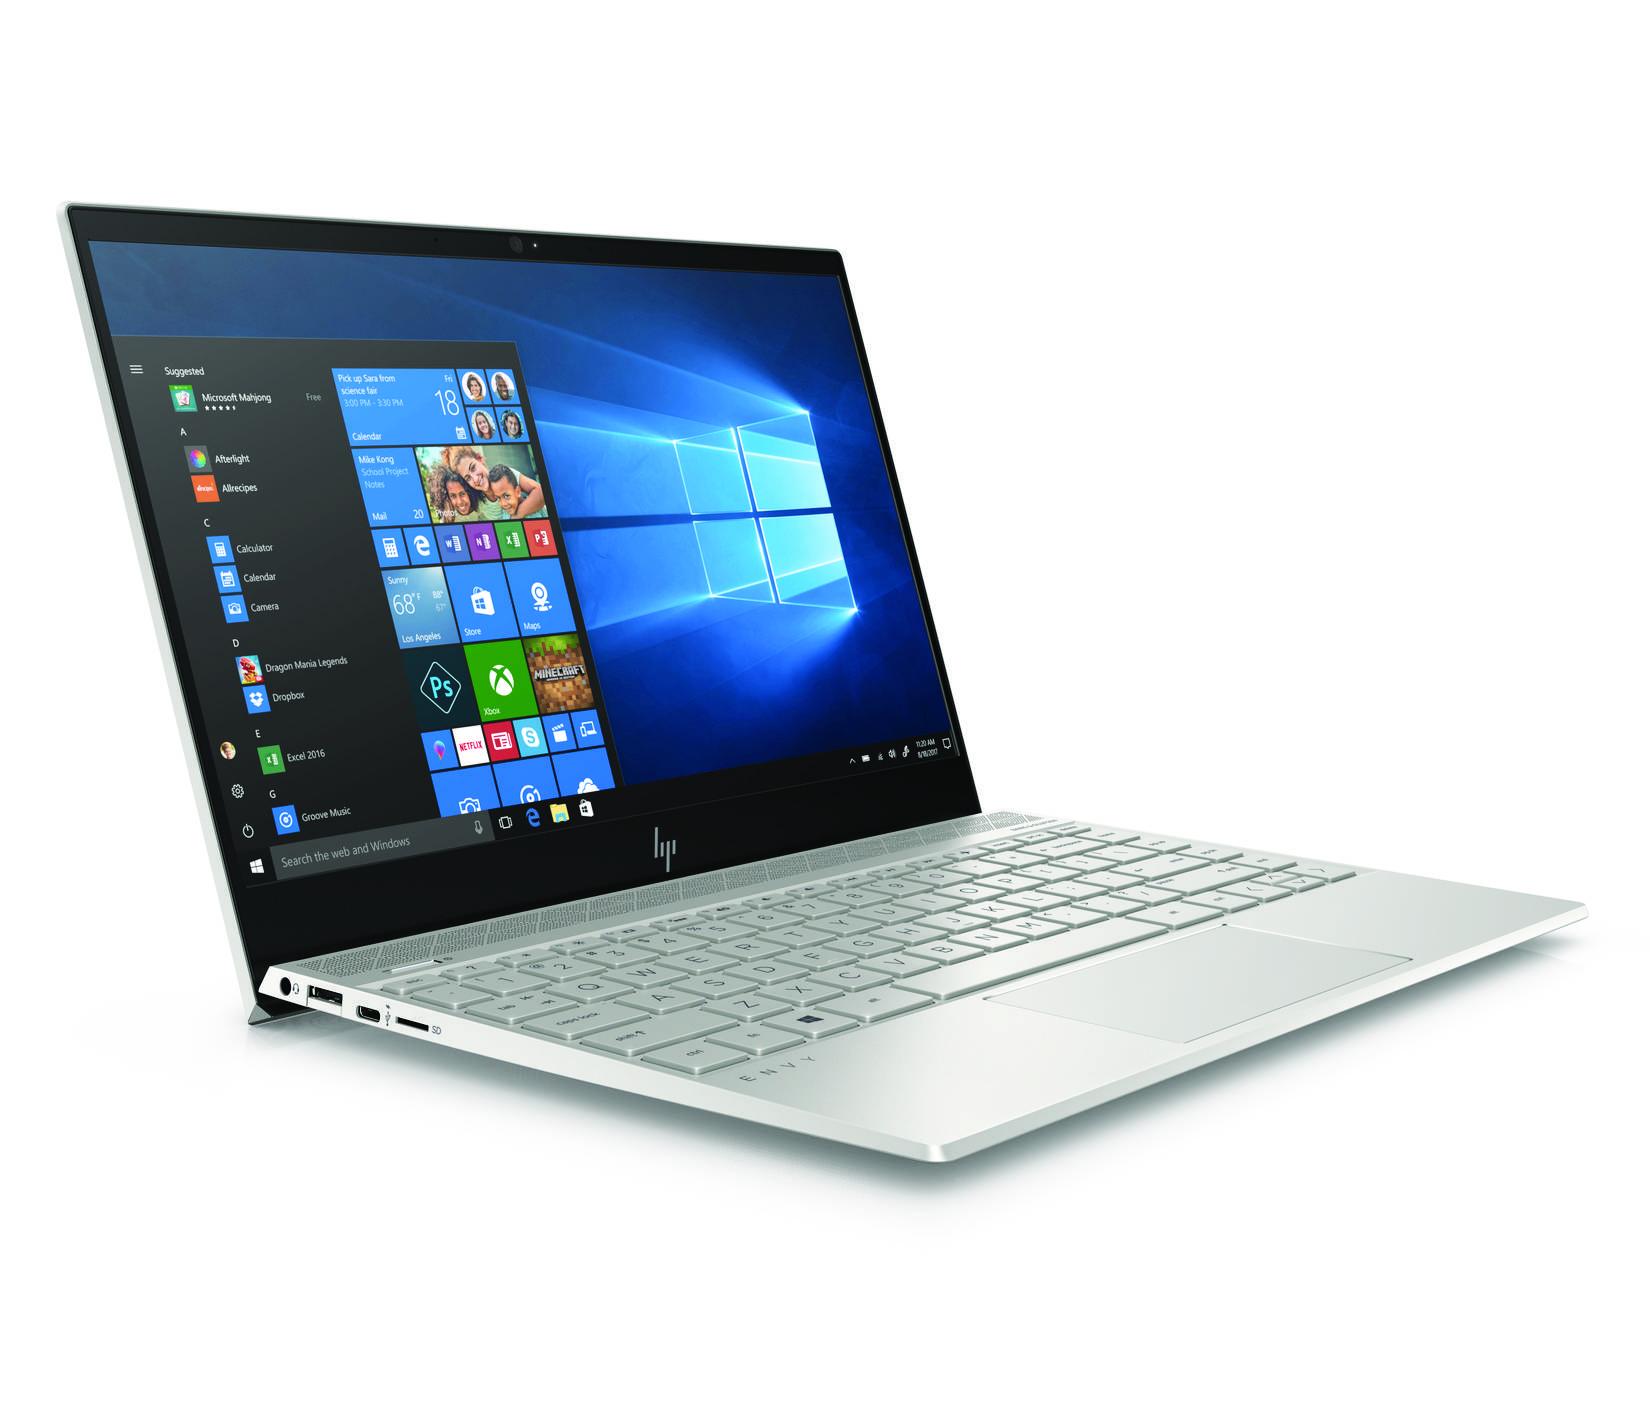 La nueva línea de computadores HP Envy llega a Colombia